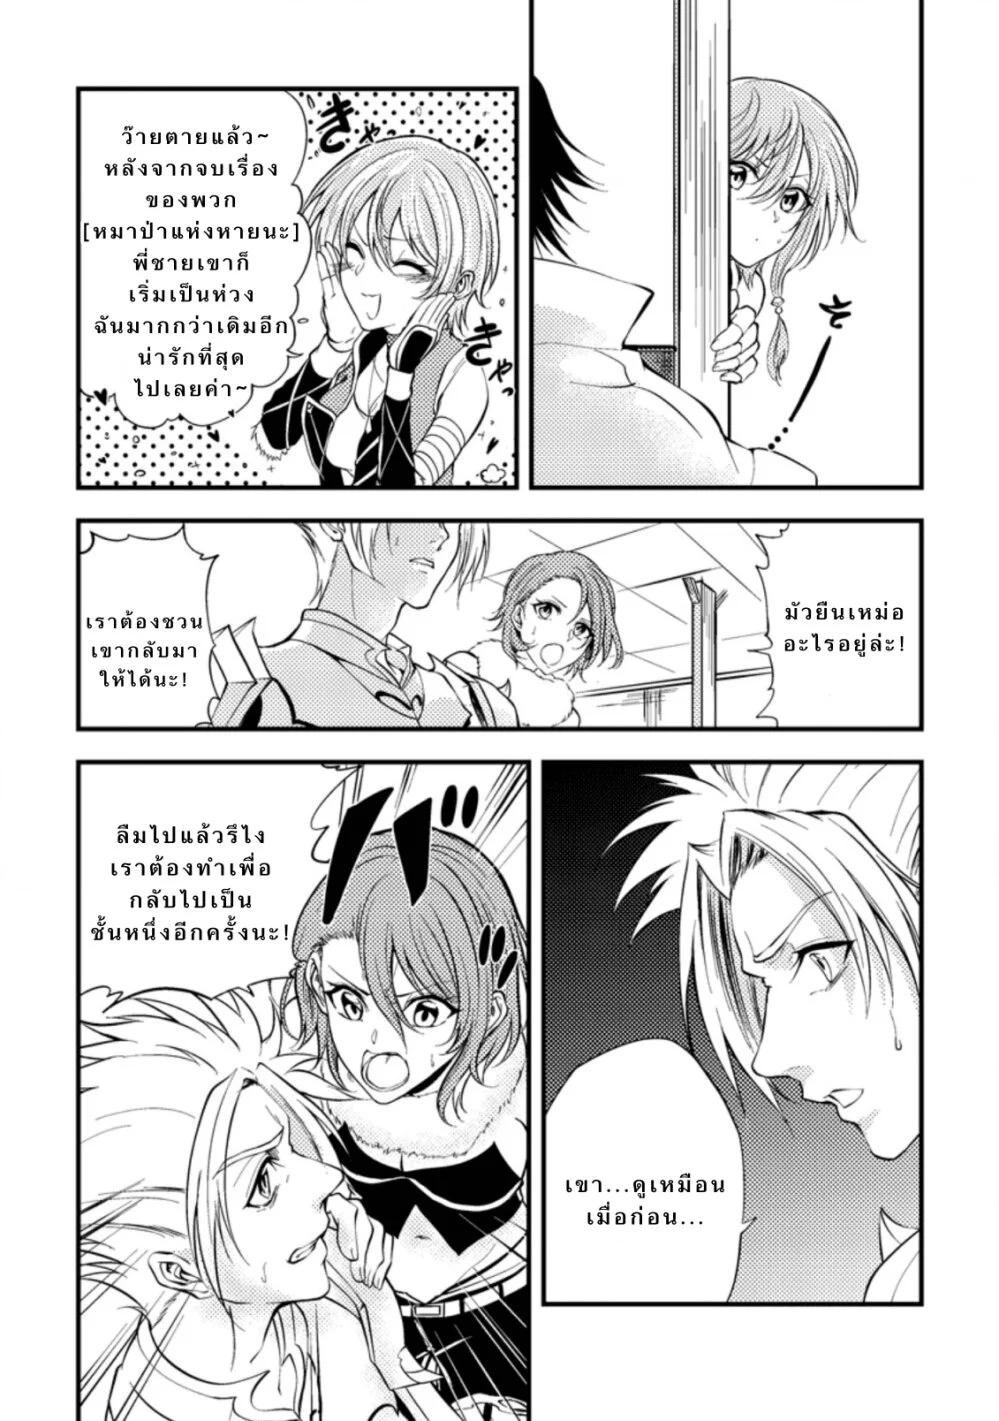 อ่านการ์ตูน Party kara Tsuihou Sareta Sono Chiyushi Jitsuha Saikyou Nitsuki ตอนที่ 7.1 หน้าที่ 2